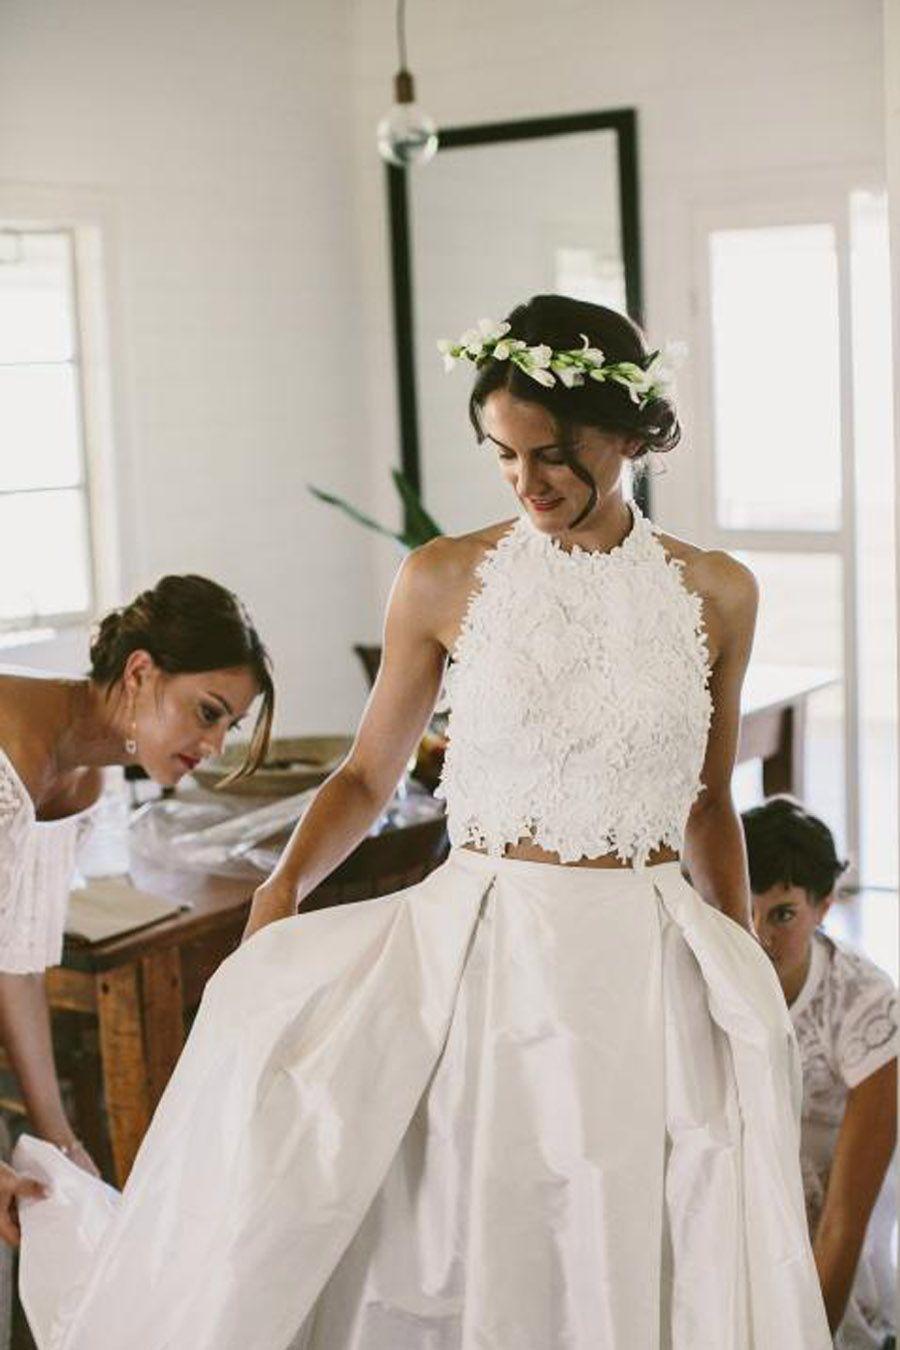 Discount Amazing Beach Wedding Gowns Lace Crop Top Taffeta Skirt Modern  Bridal Dress Wedding Dresses Robe De Mariee Halter Vestido De Noiva  Beautiful ... 63b6099b00dc